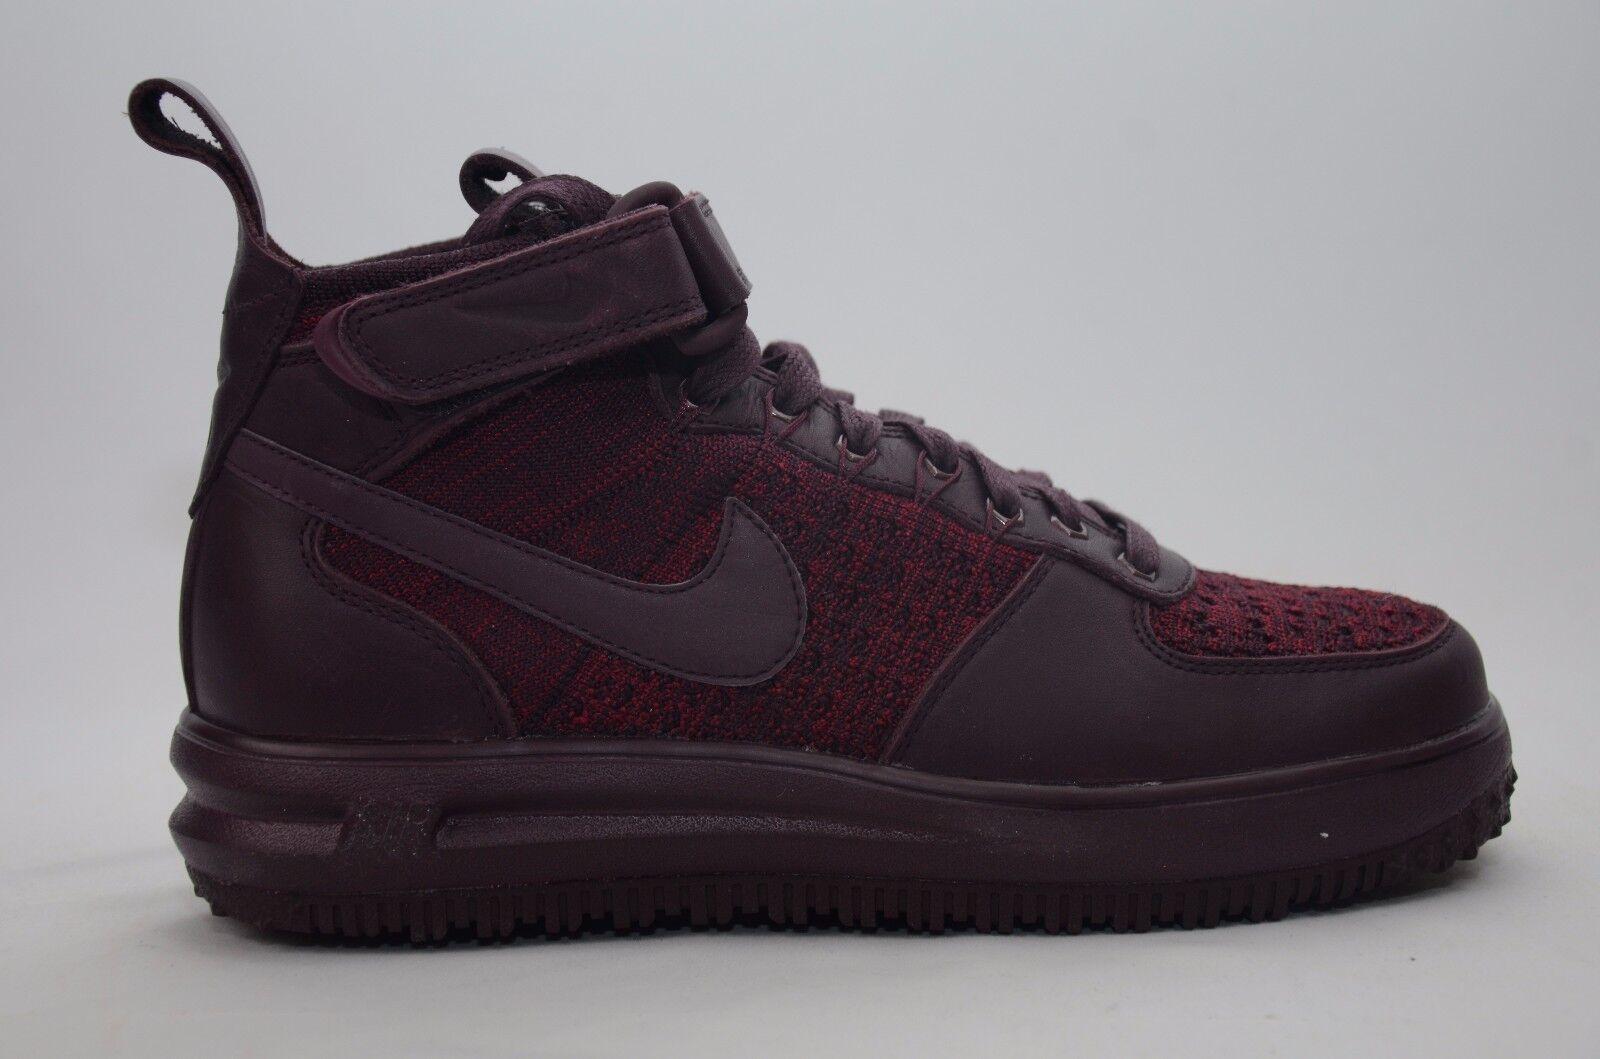 Nike LF1 Flyknit Workboot Women's Size 6.5-9.5 New in Box NO Top Lid 860558 600